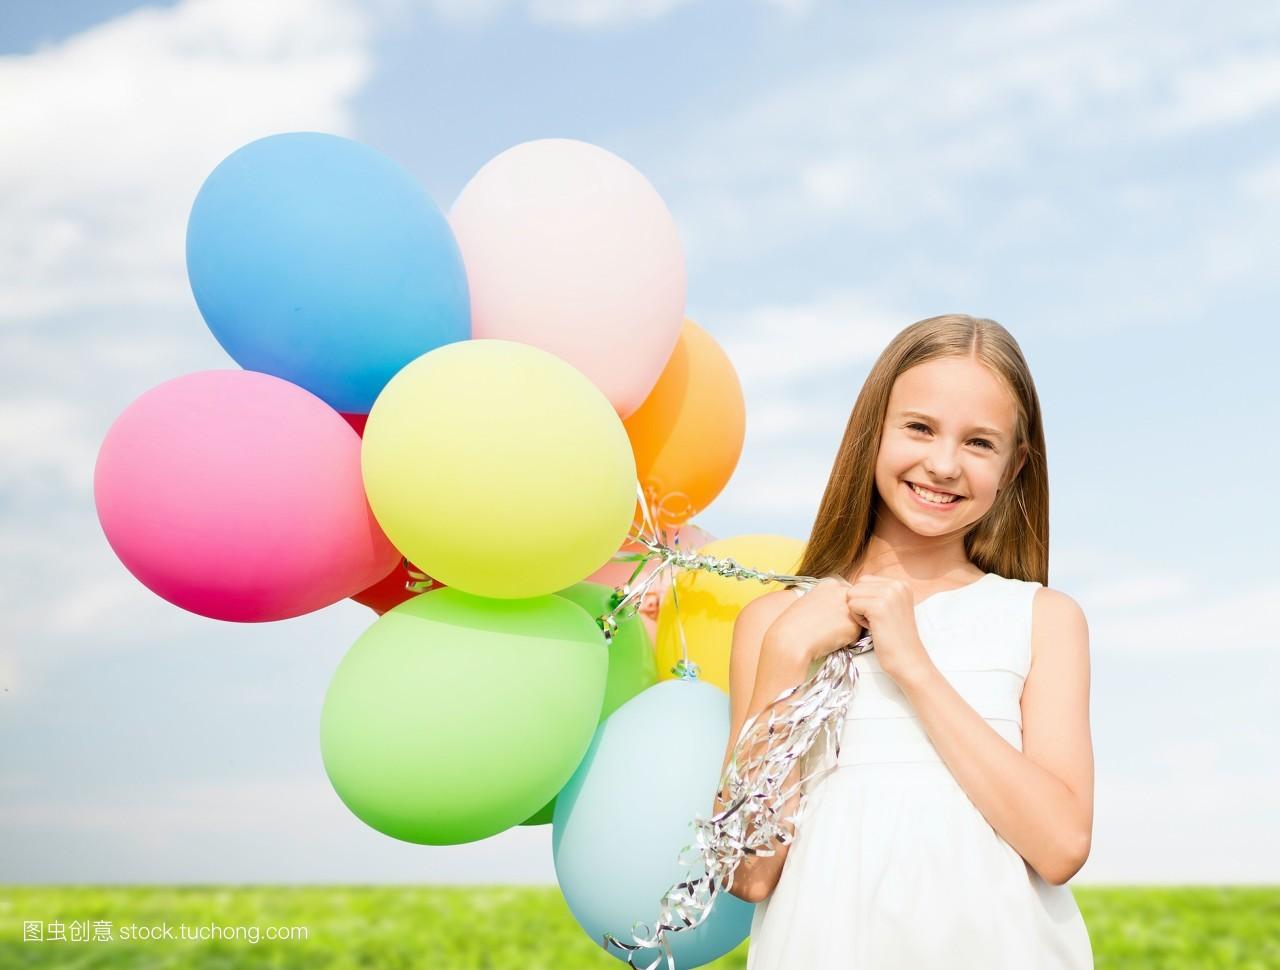 花团锦簇,庆祝,旅程,小,自然,假期,白天,无忧无虑,让人高兴,未来,做梦图片